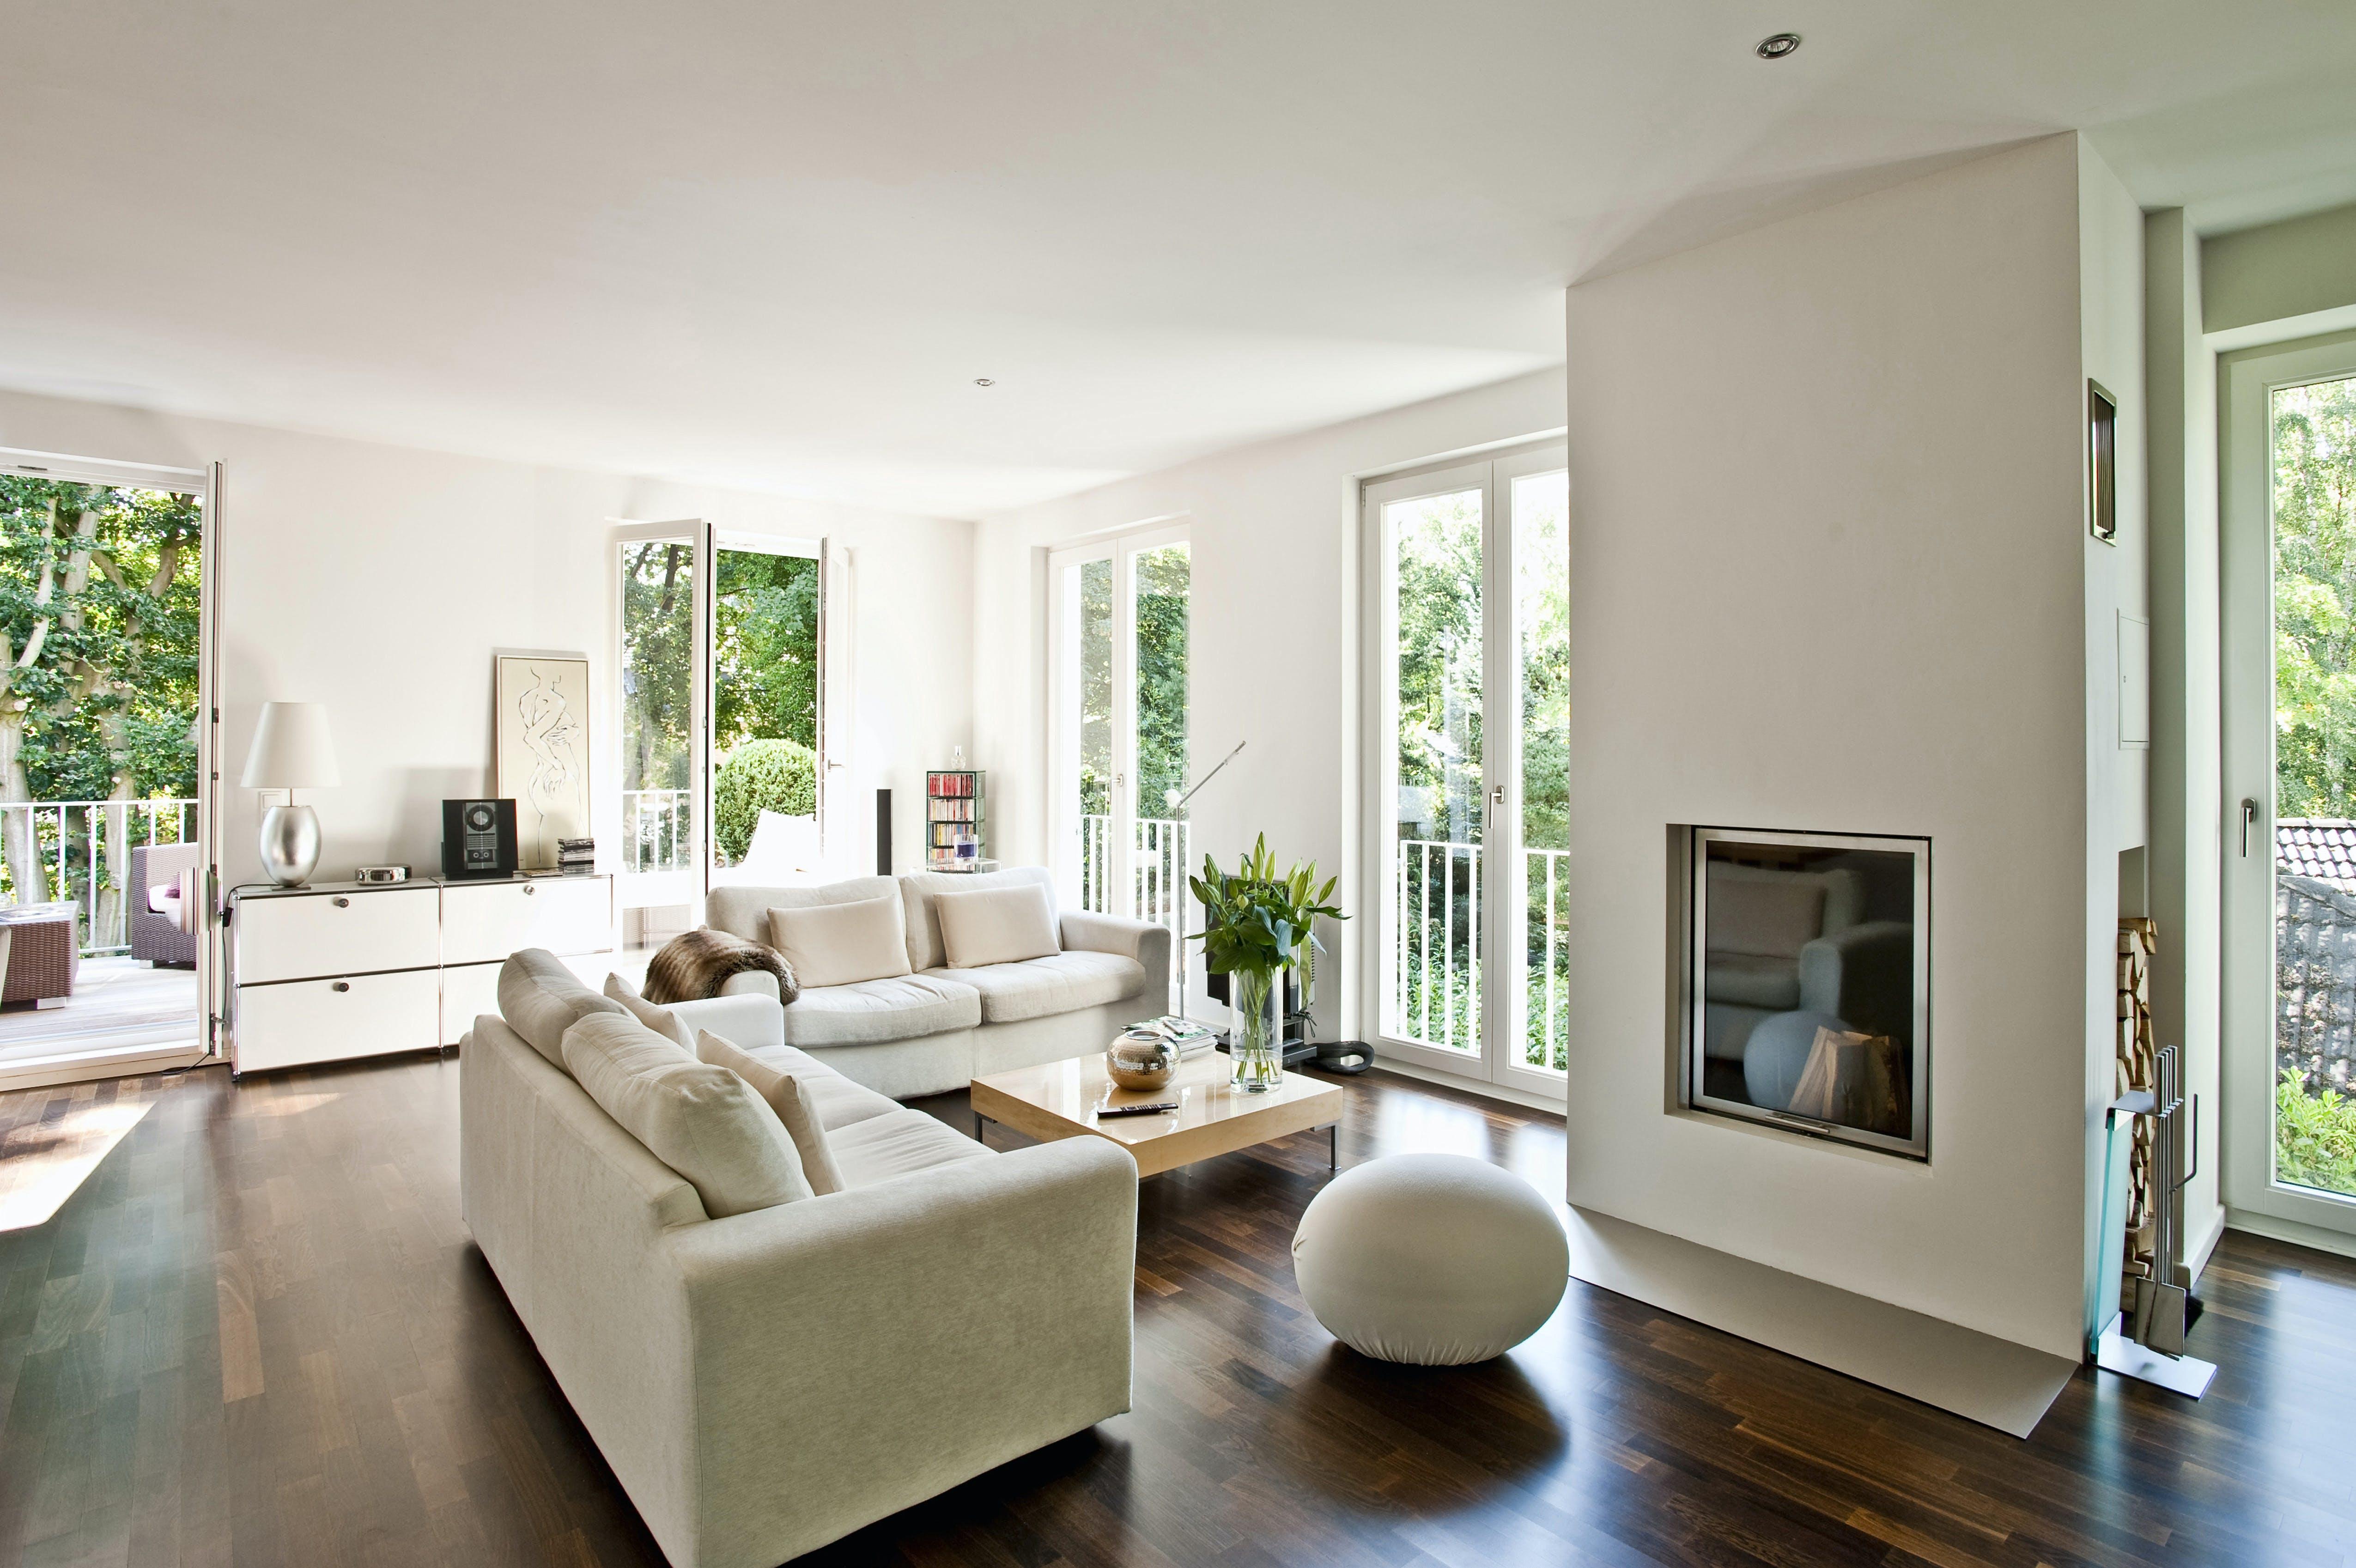 Stue indretning sofa pejs